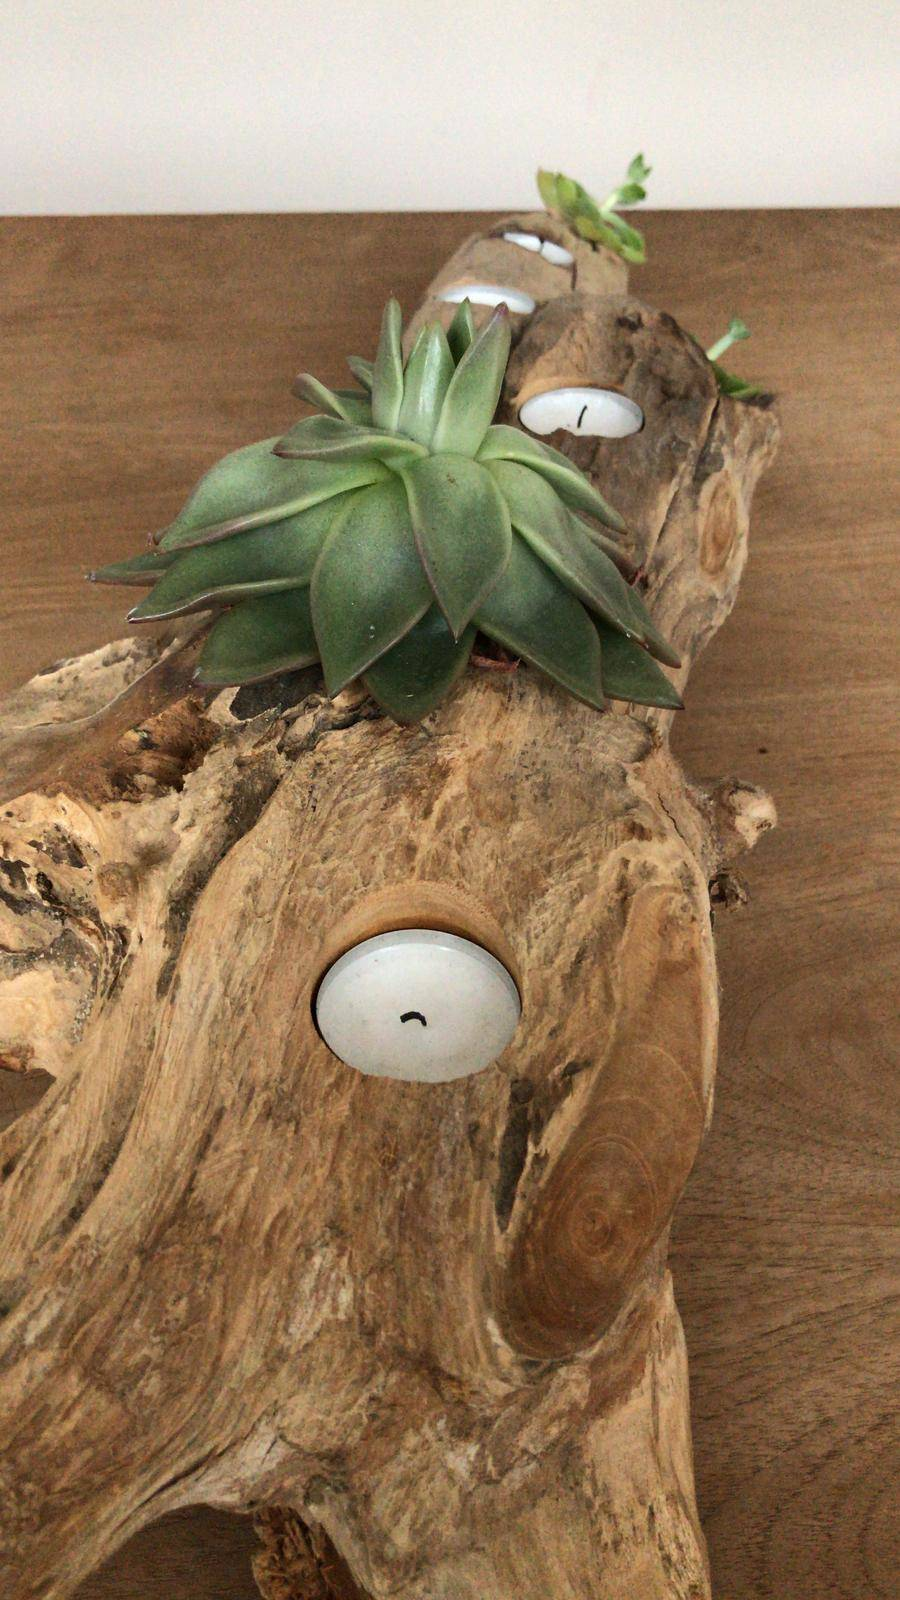 Luftpflanzen (Tillandsien) - Diese Pflanzen leben von Luft und Liebe